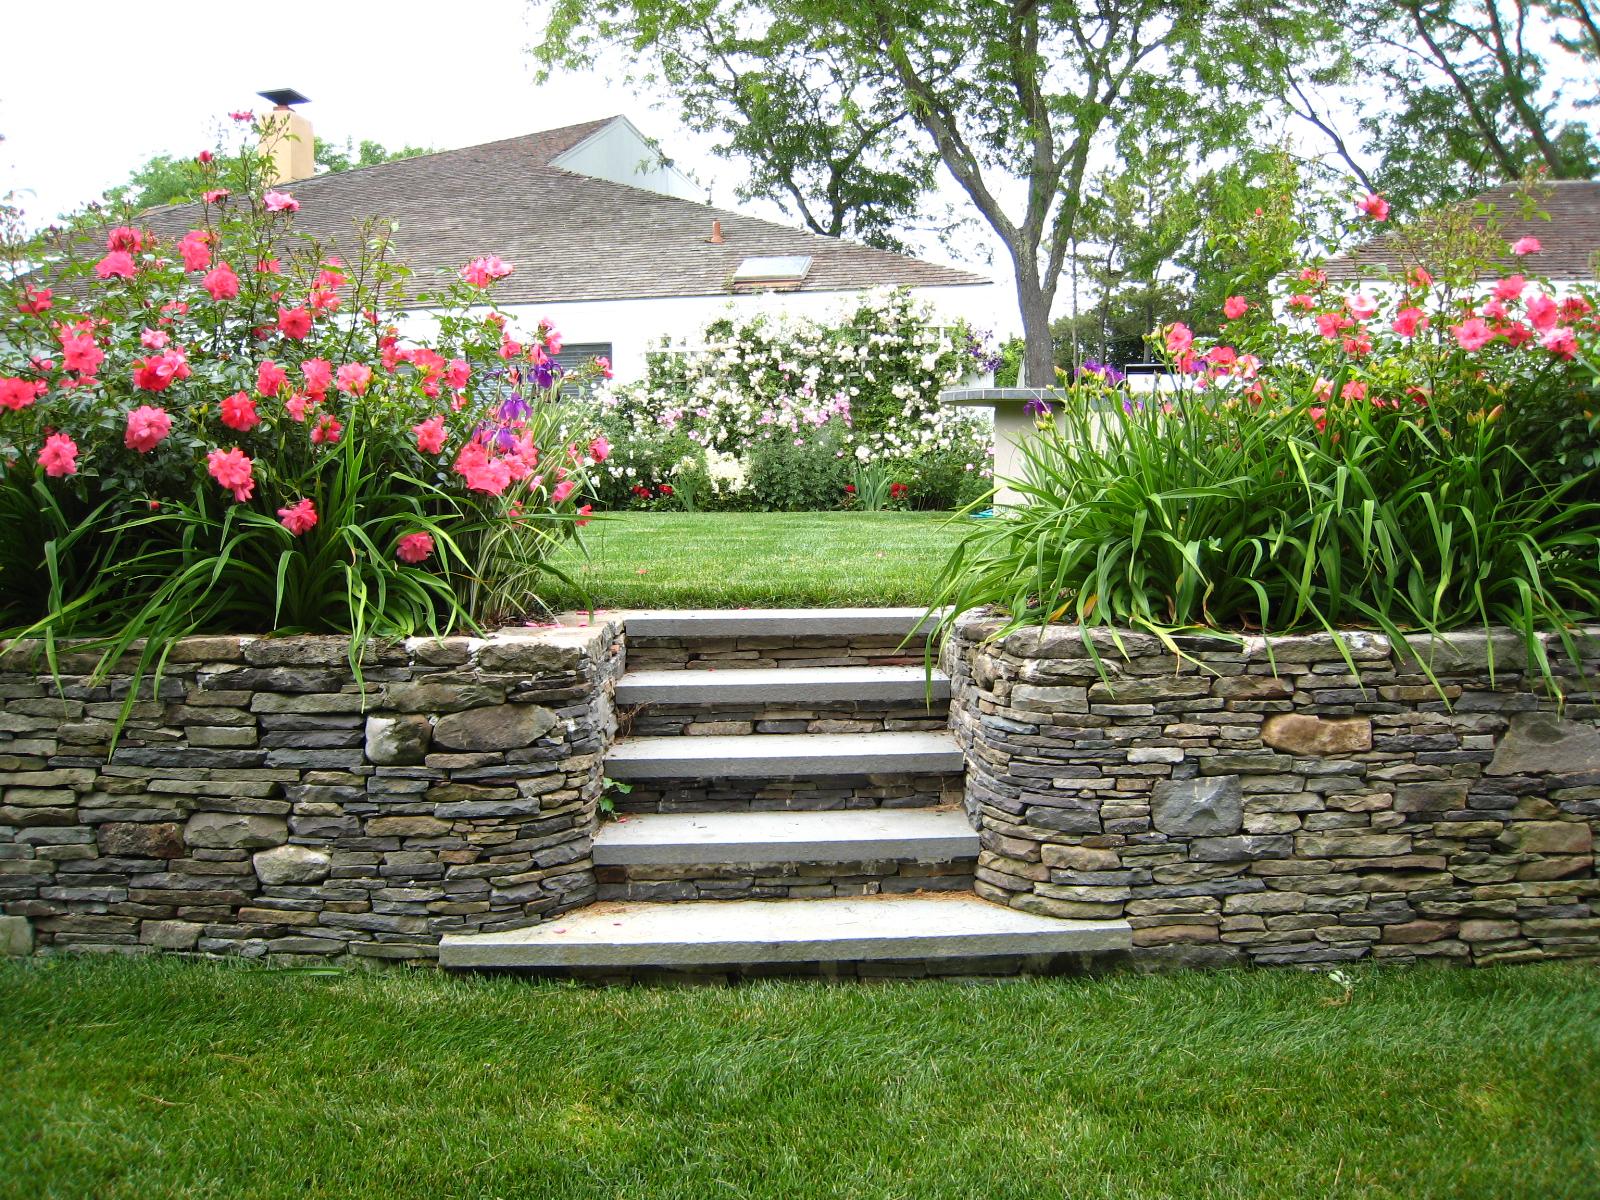 the-simple-home-garden-ideas-17-the-simple-home-garden-ideas1600-x-1200-1688-kb-jpeg-x